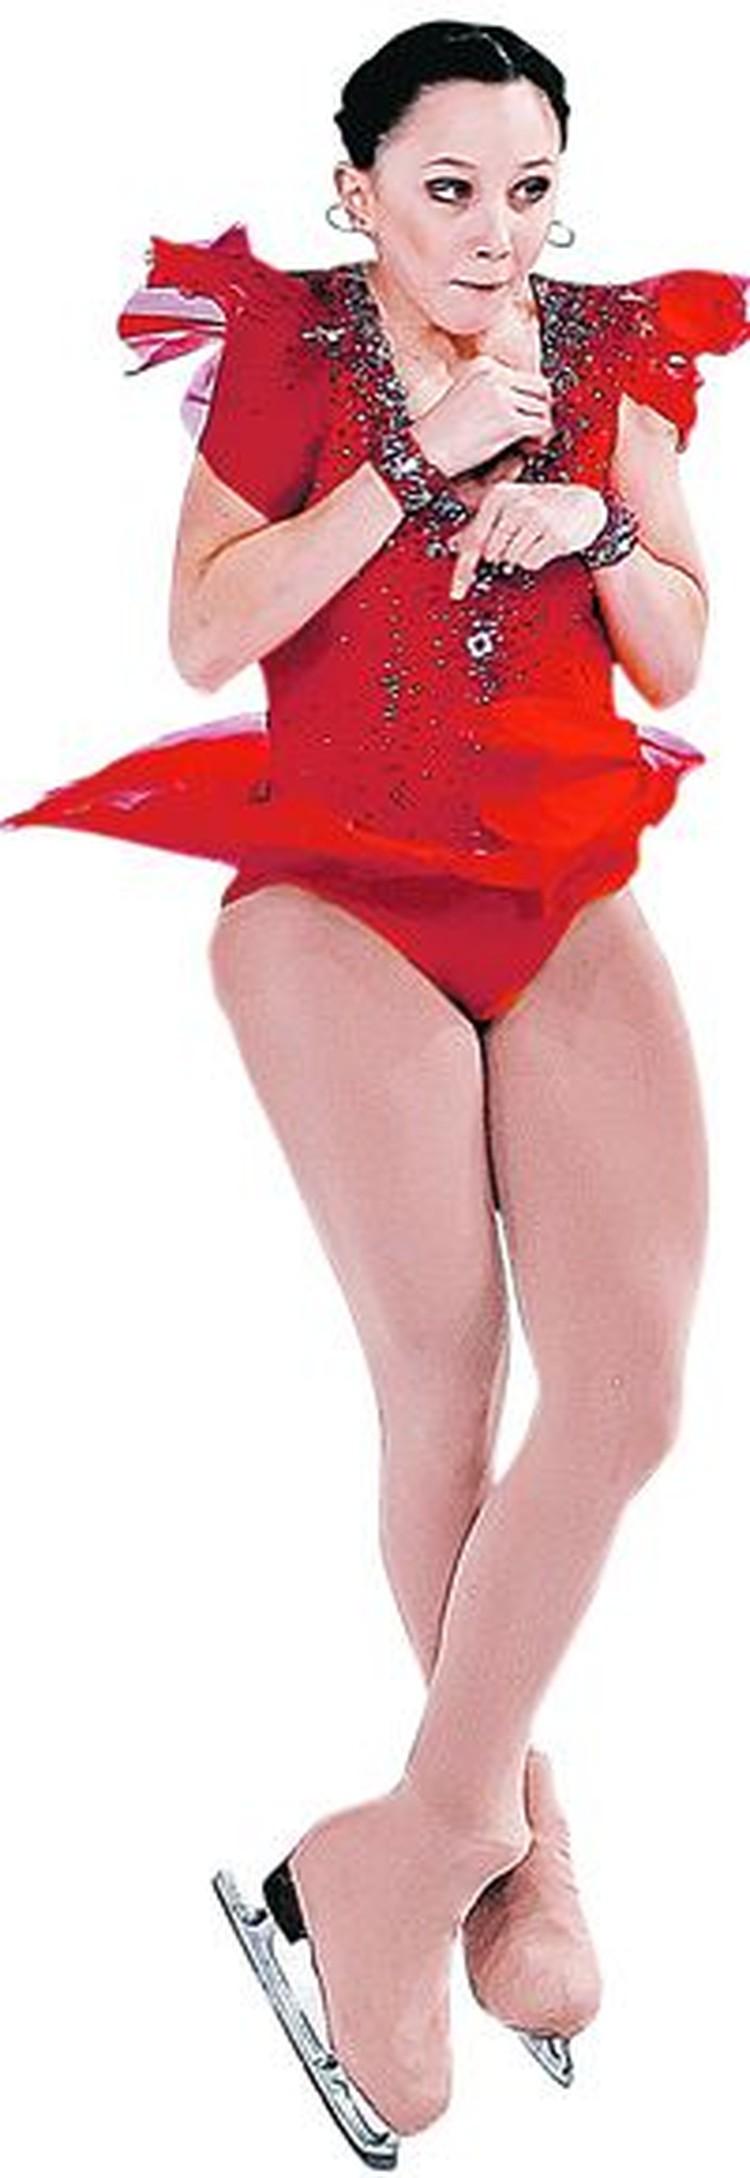 Лиза на тренировках оттачивает четверной прыжок. Когда она начнет выполнять его на соревнованиях, это произведет революцию в женском фигурном катании.